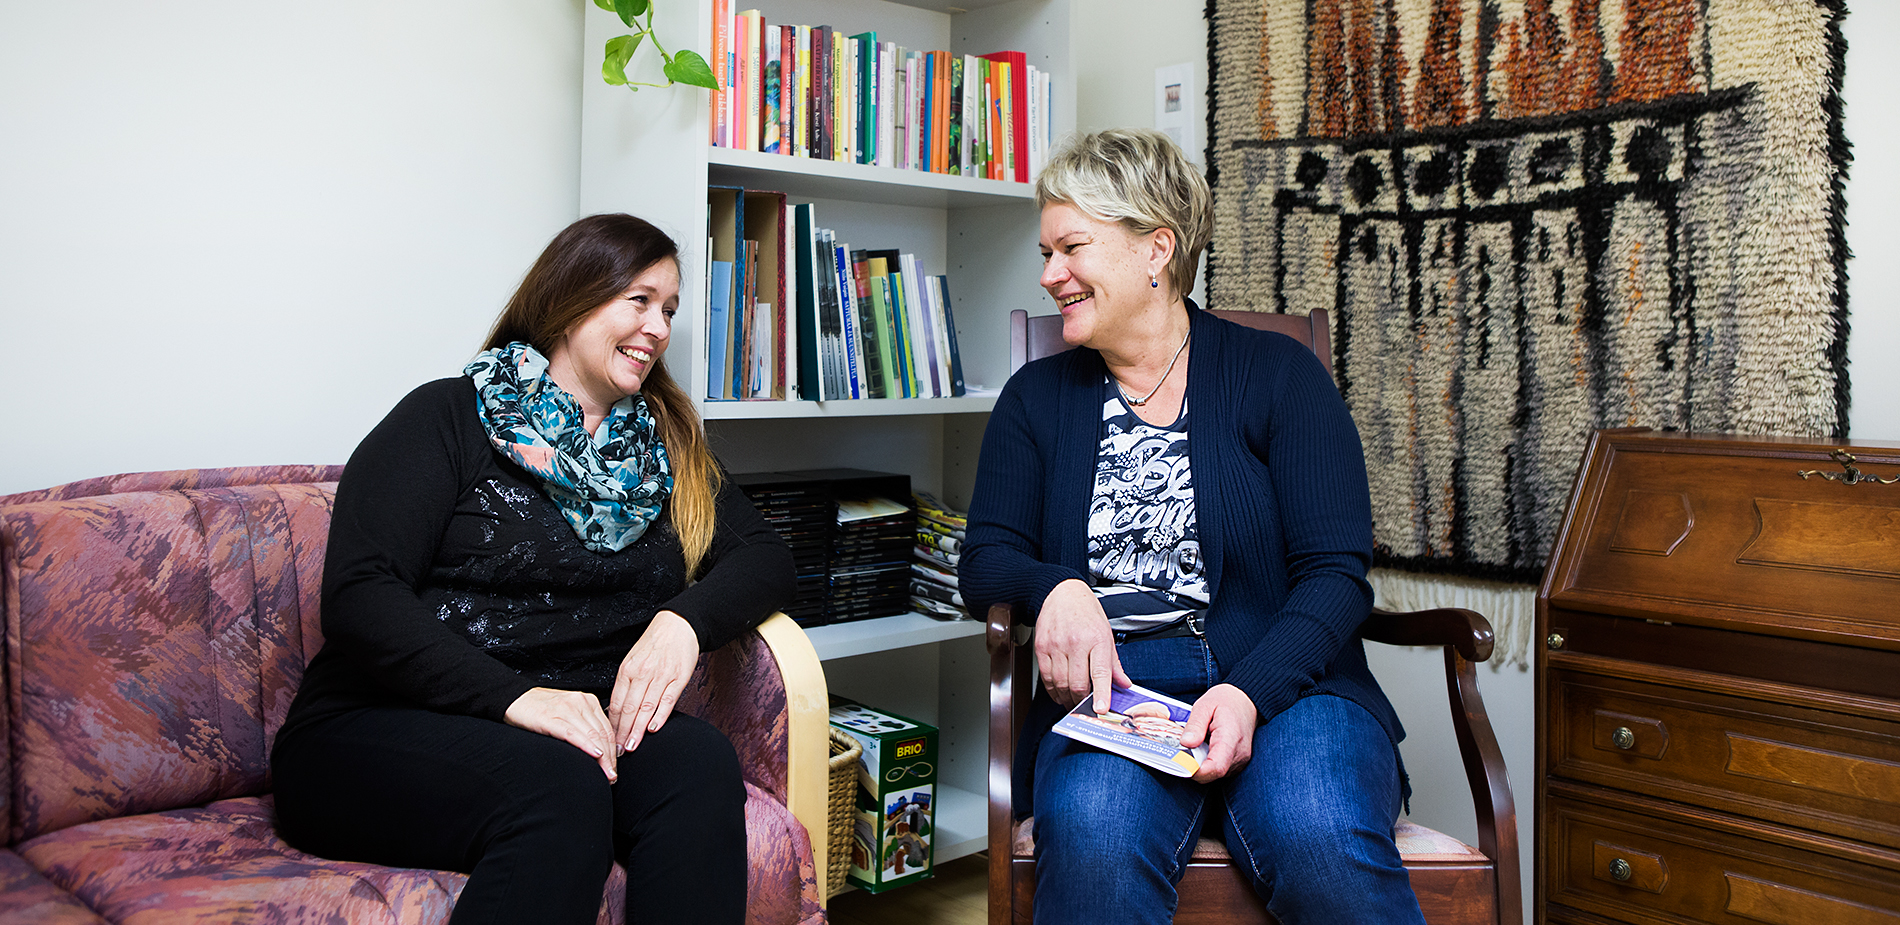 Kaksi naista istuu ja hymyilee toisilleen sohvalla ja keinutuolissa. He